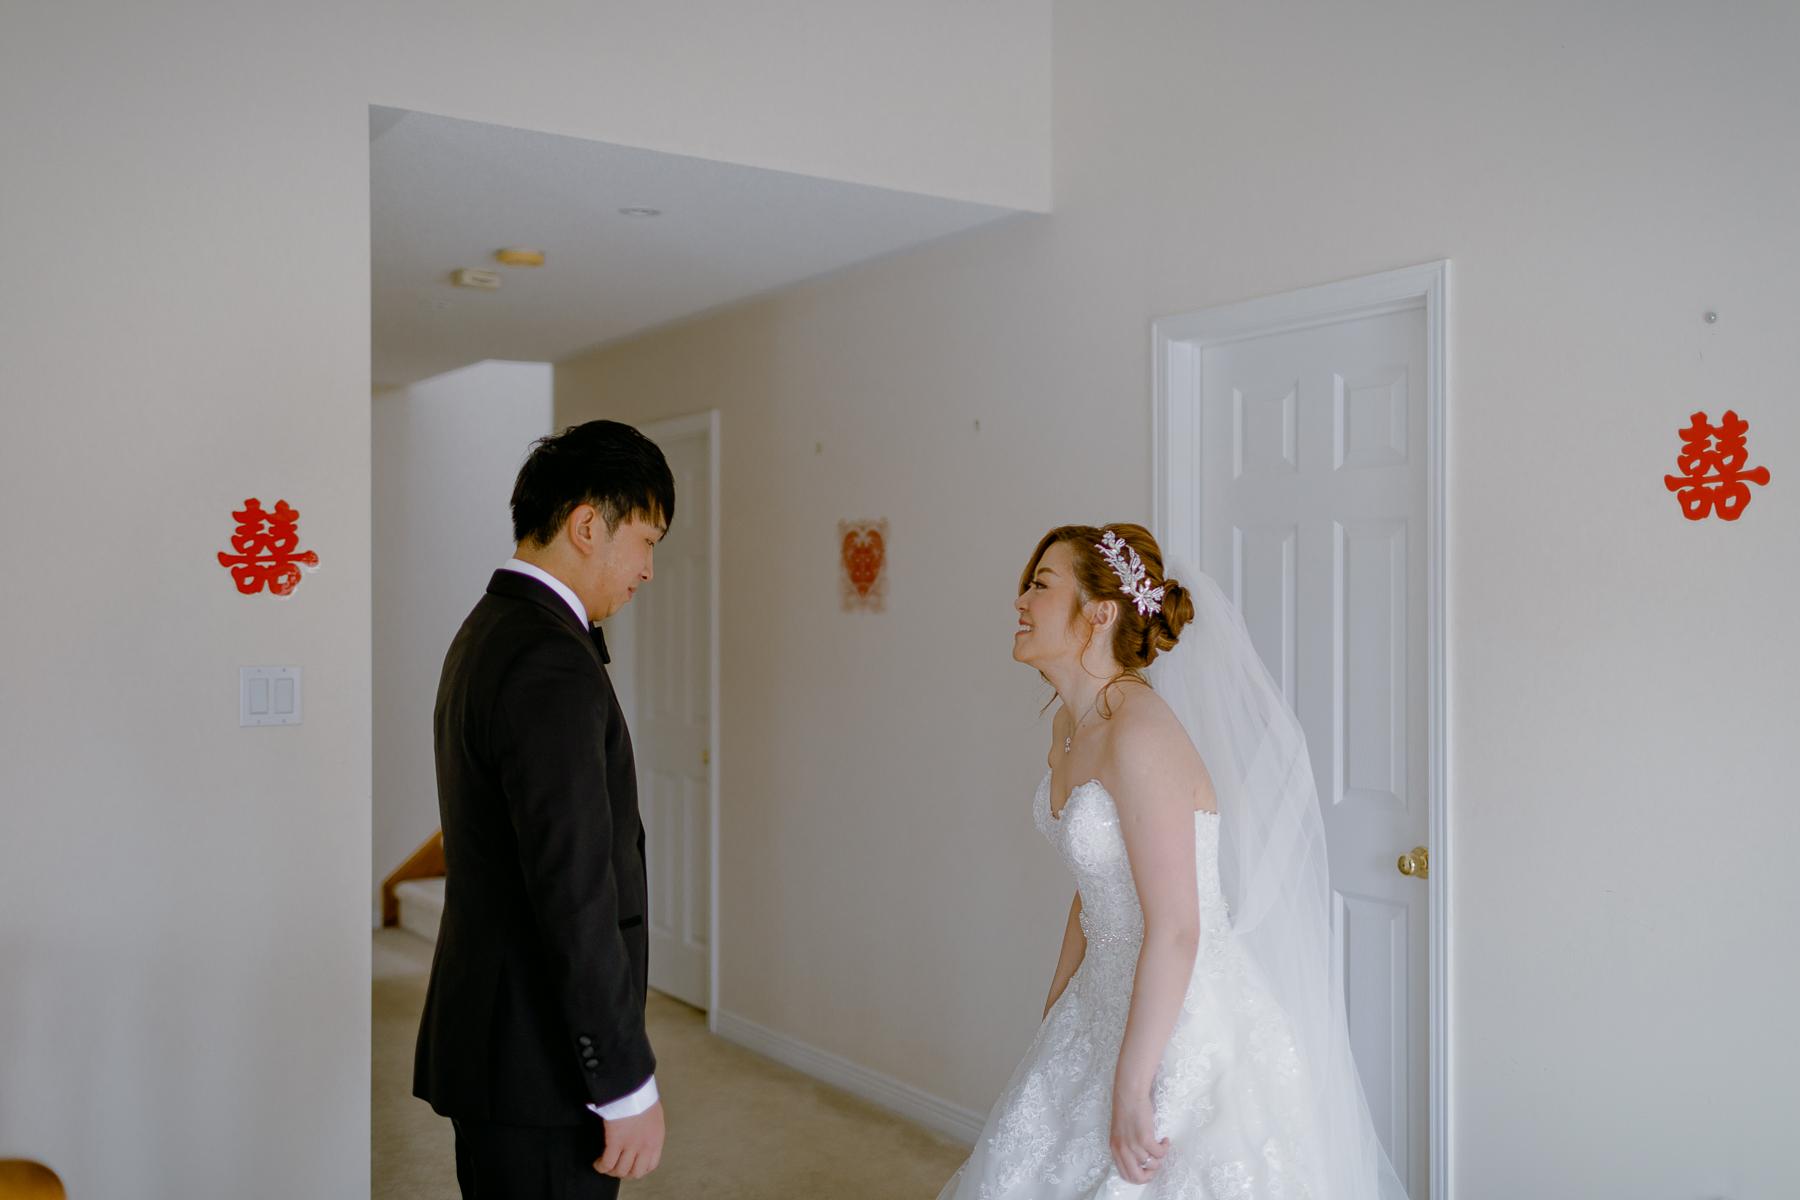 markham-wedding-photography-markham-museum-wedding 0015.jpg